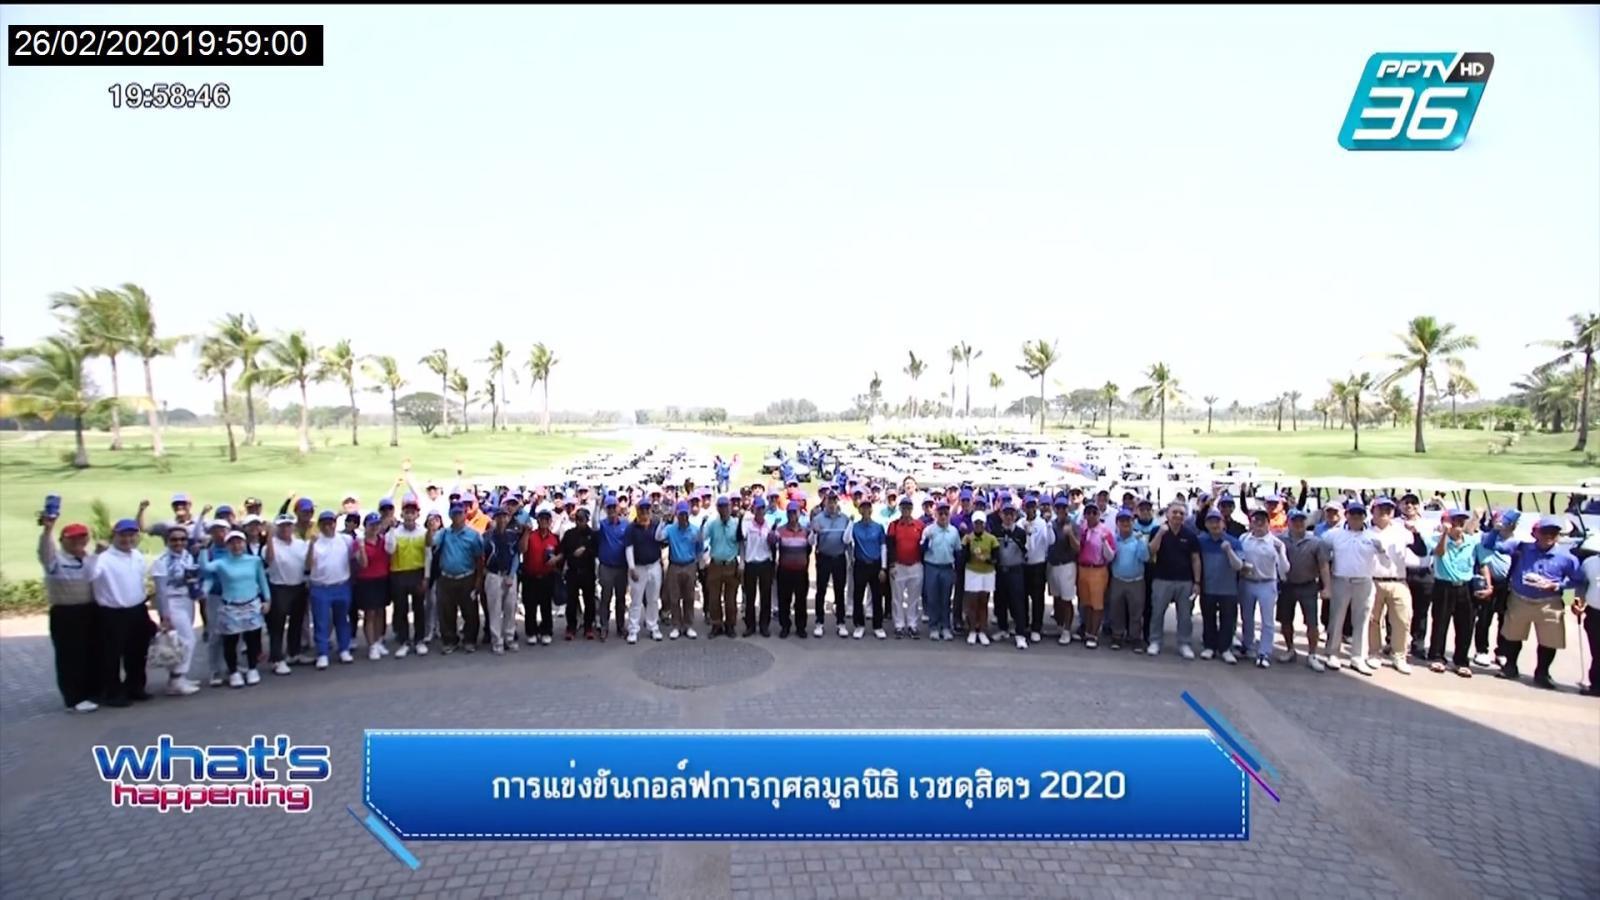 การแข่งขันกอล์ฟการกุศลมูลนิธิเวชดุสิตฯ 2020 ชิงถ้วยพระราชทาน